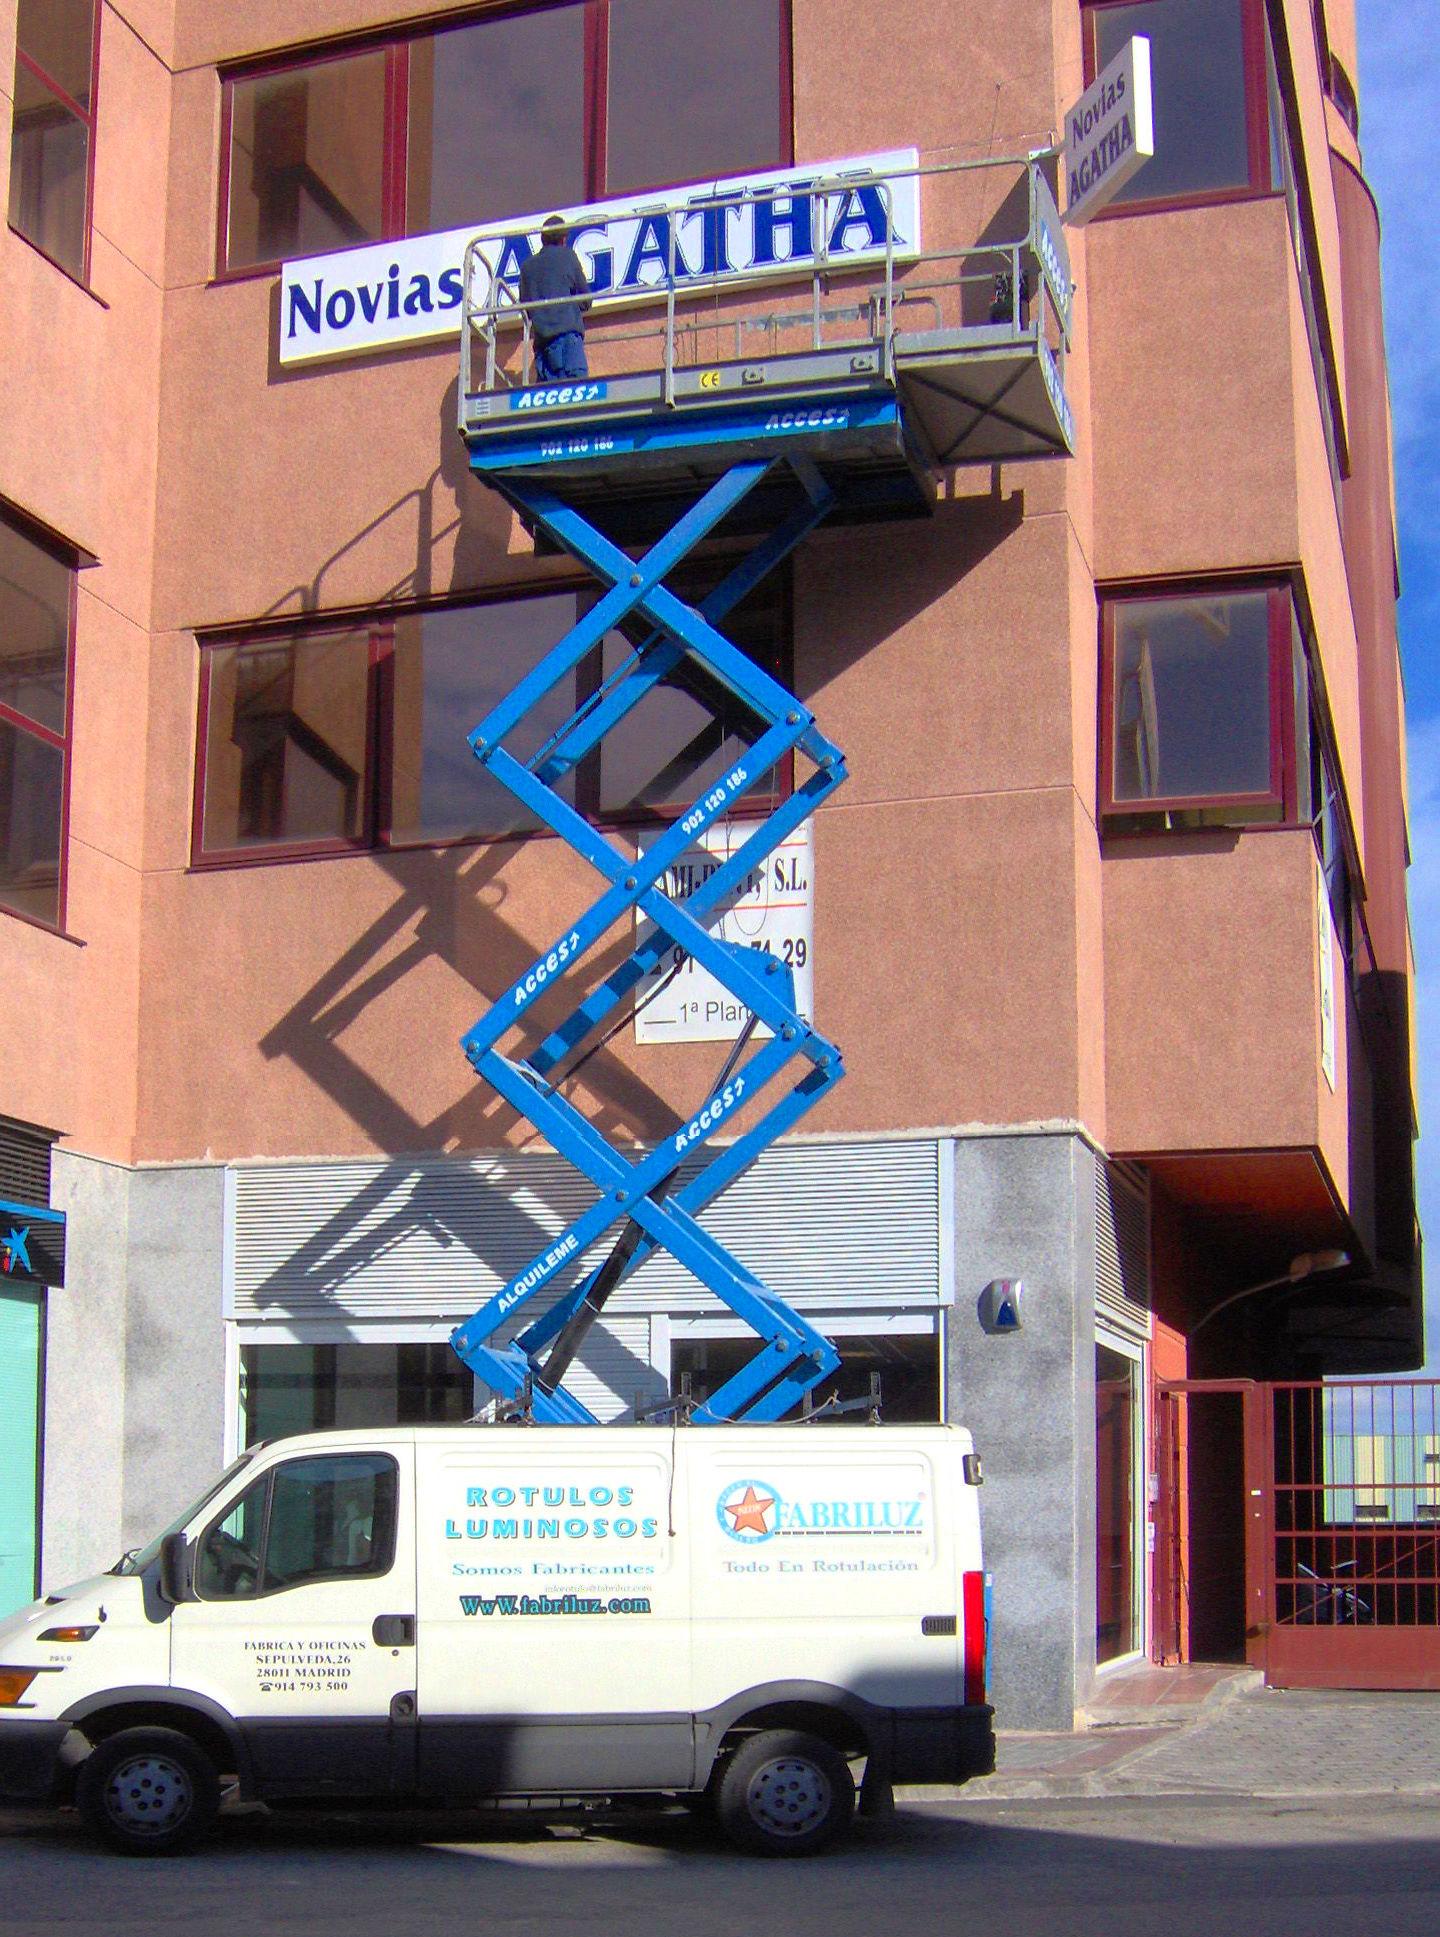 Fabricación, montaje de anuncios luminosos Fabriluz